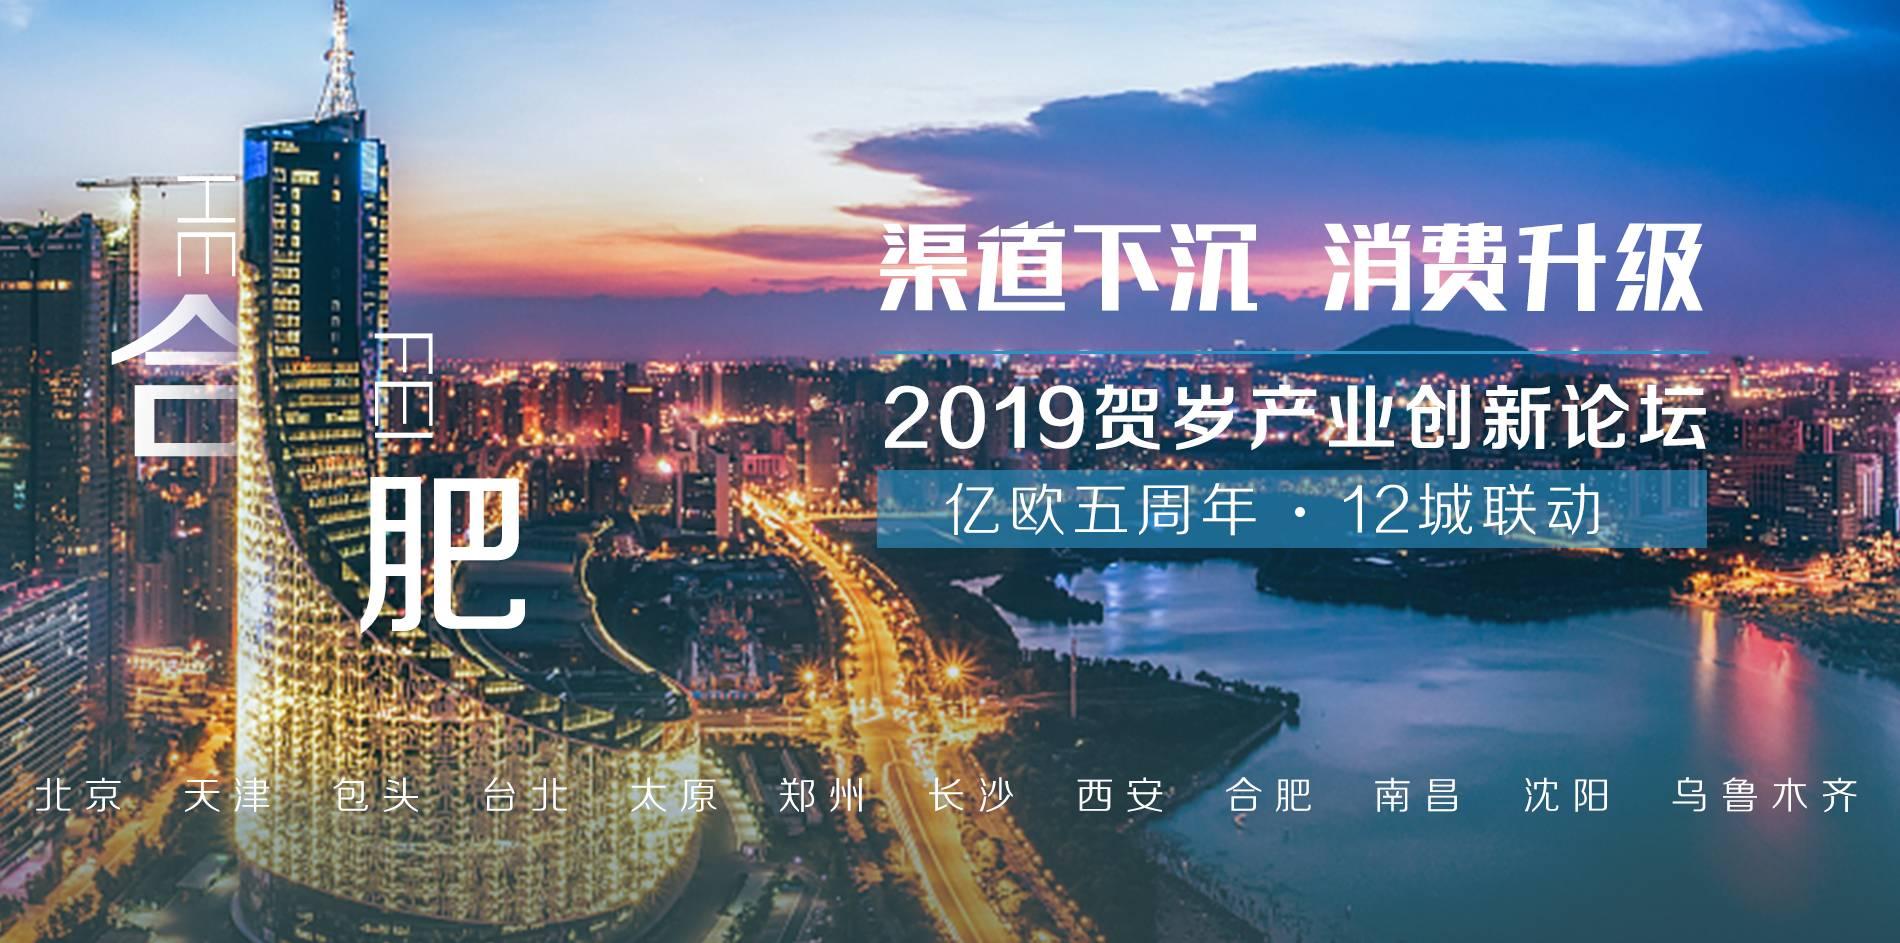 【活动】【渠道下沉·消费升级】2019贺岁产业创新论坛·合肥站-亿欧